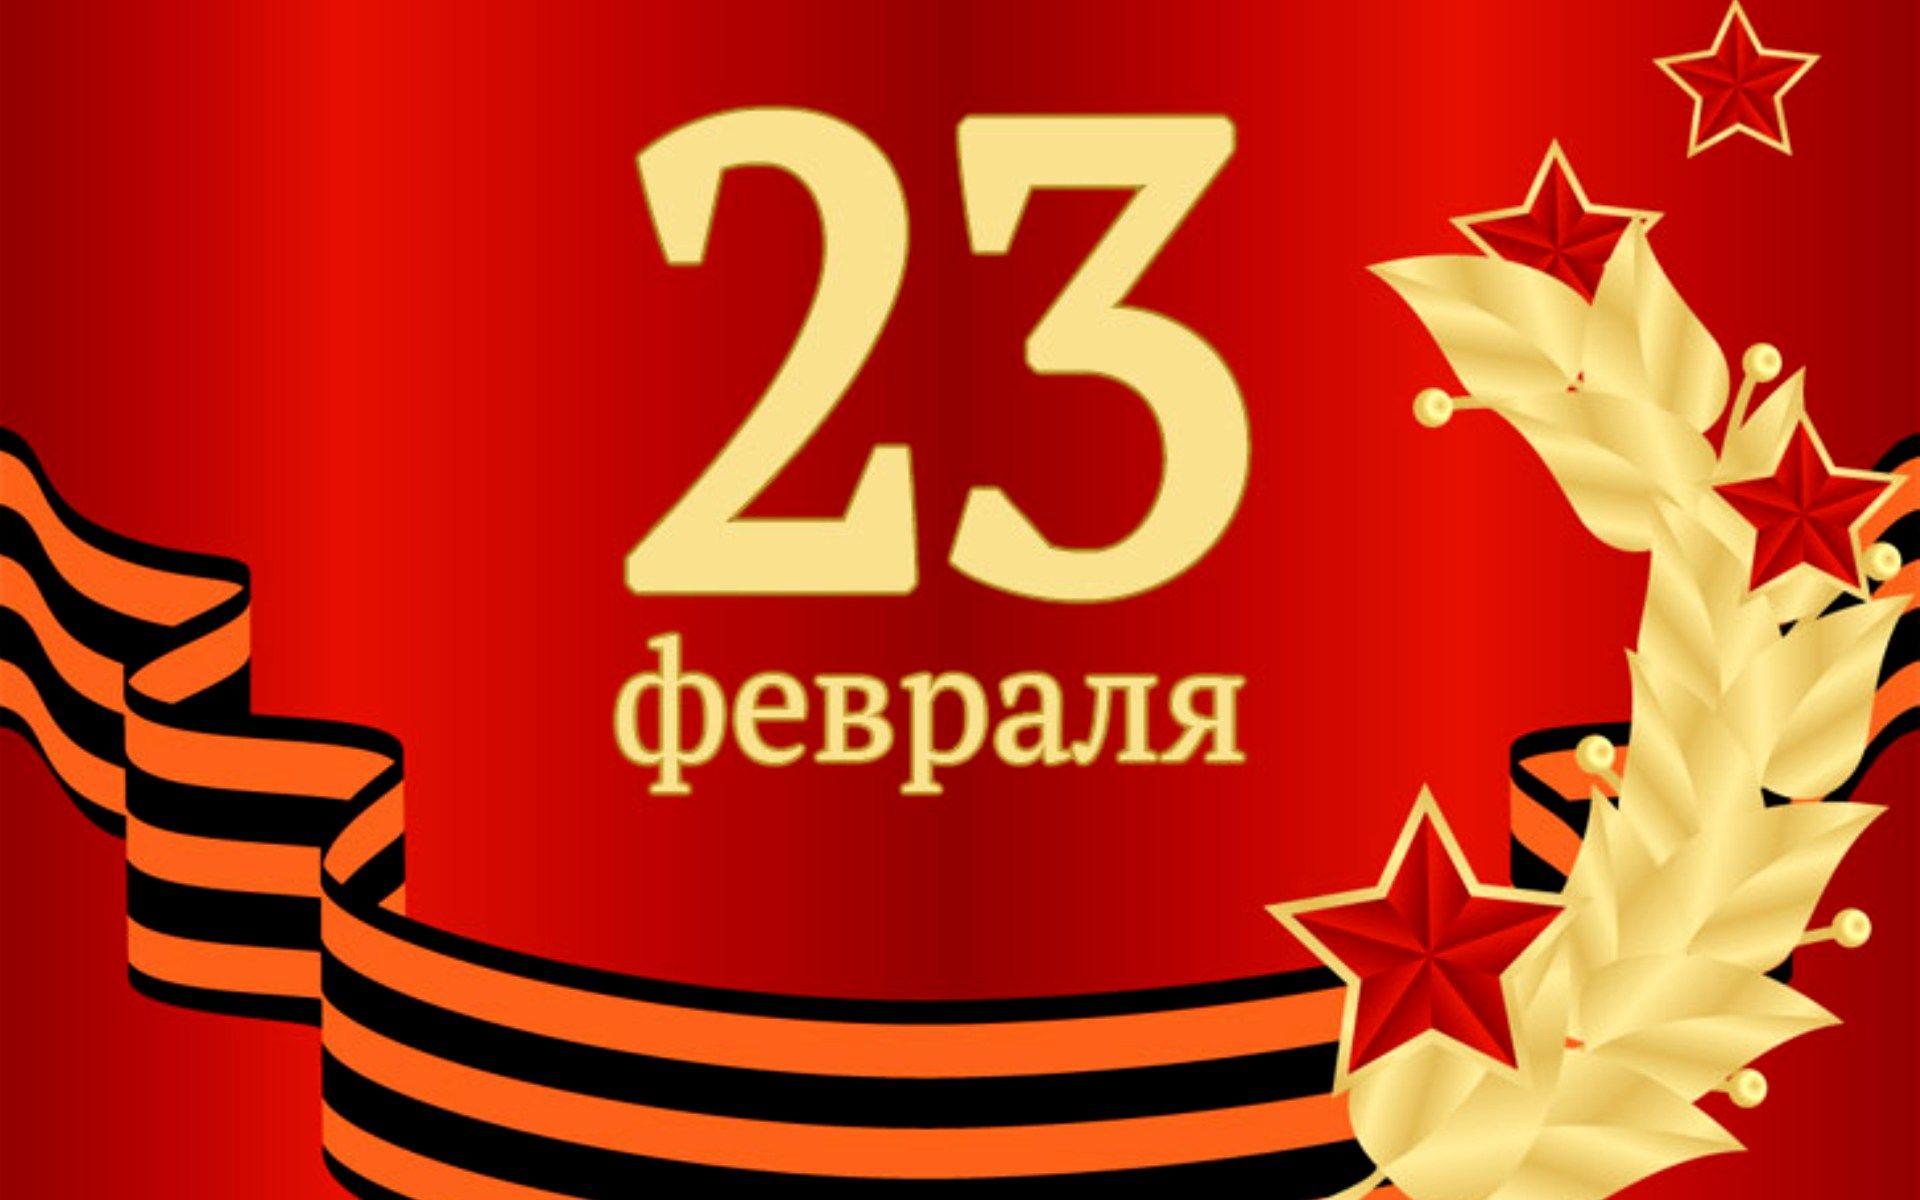 Календарь праздников и выходных в России на 2018 год картинки открытки фото